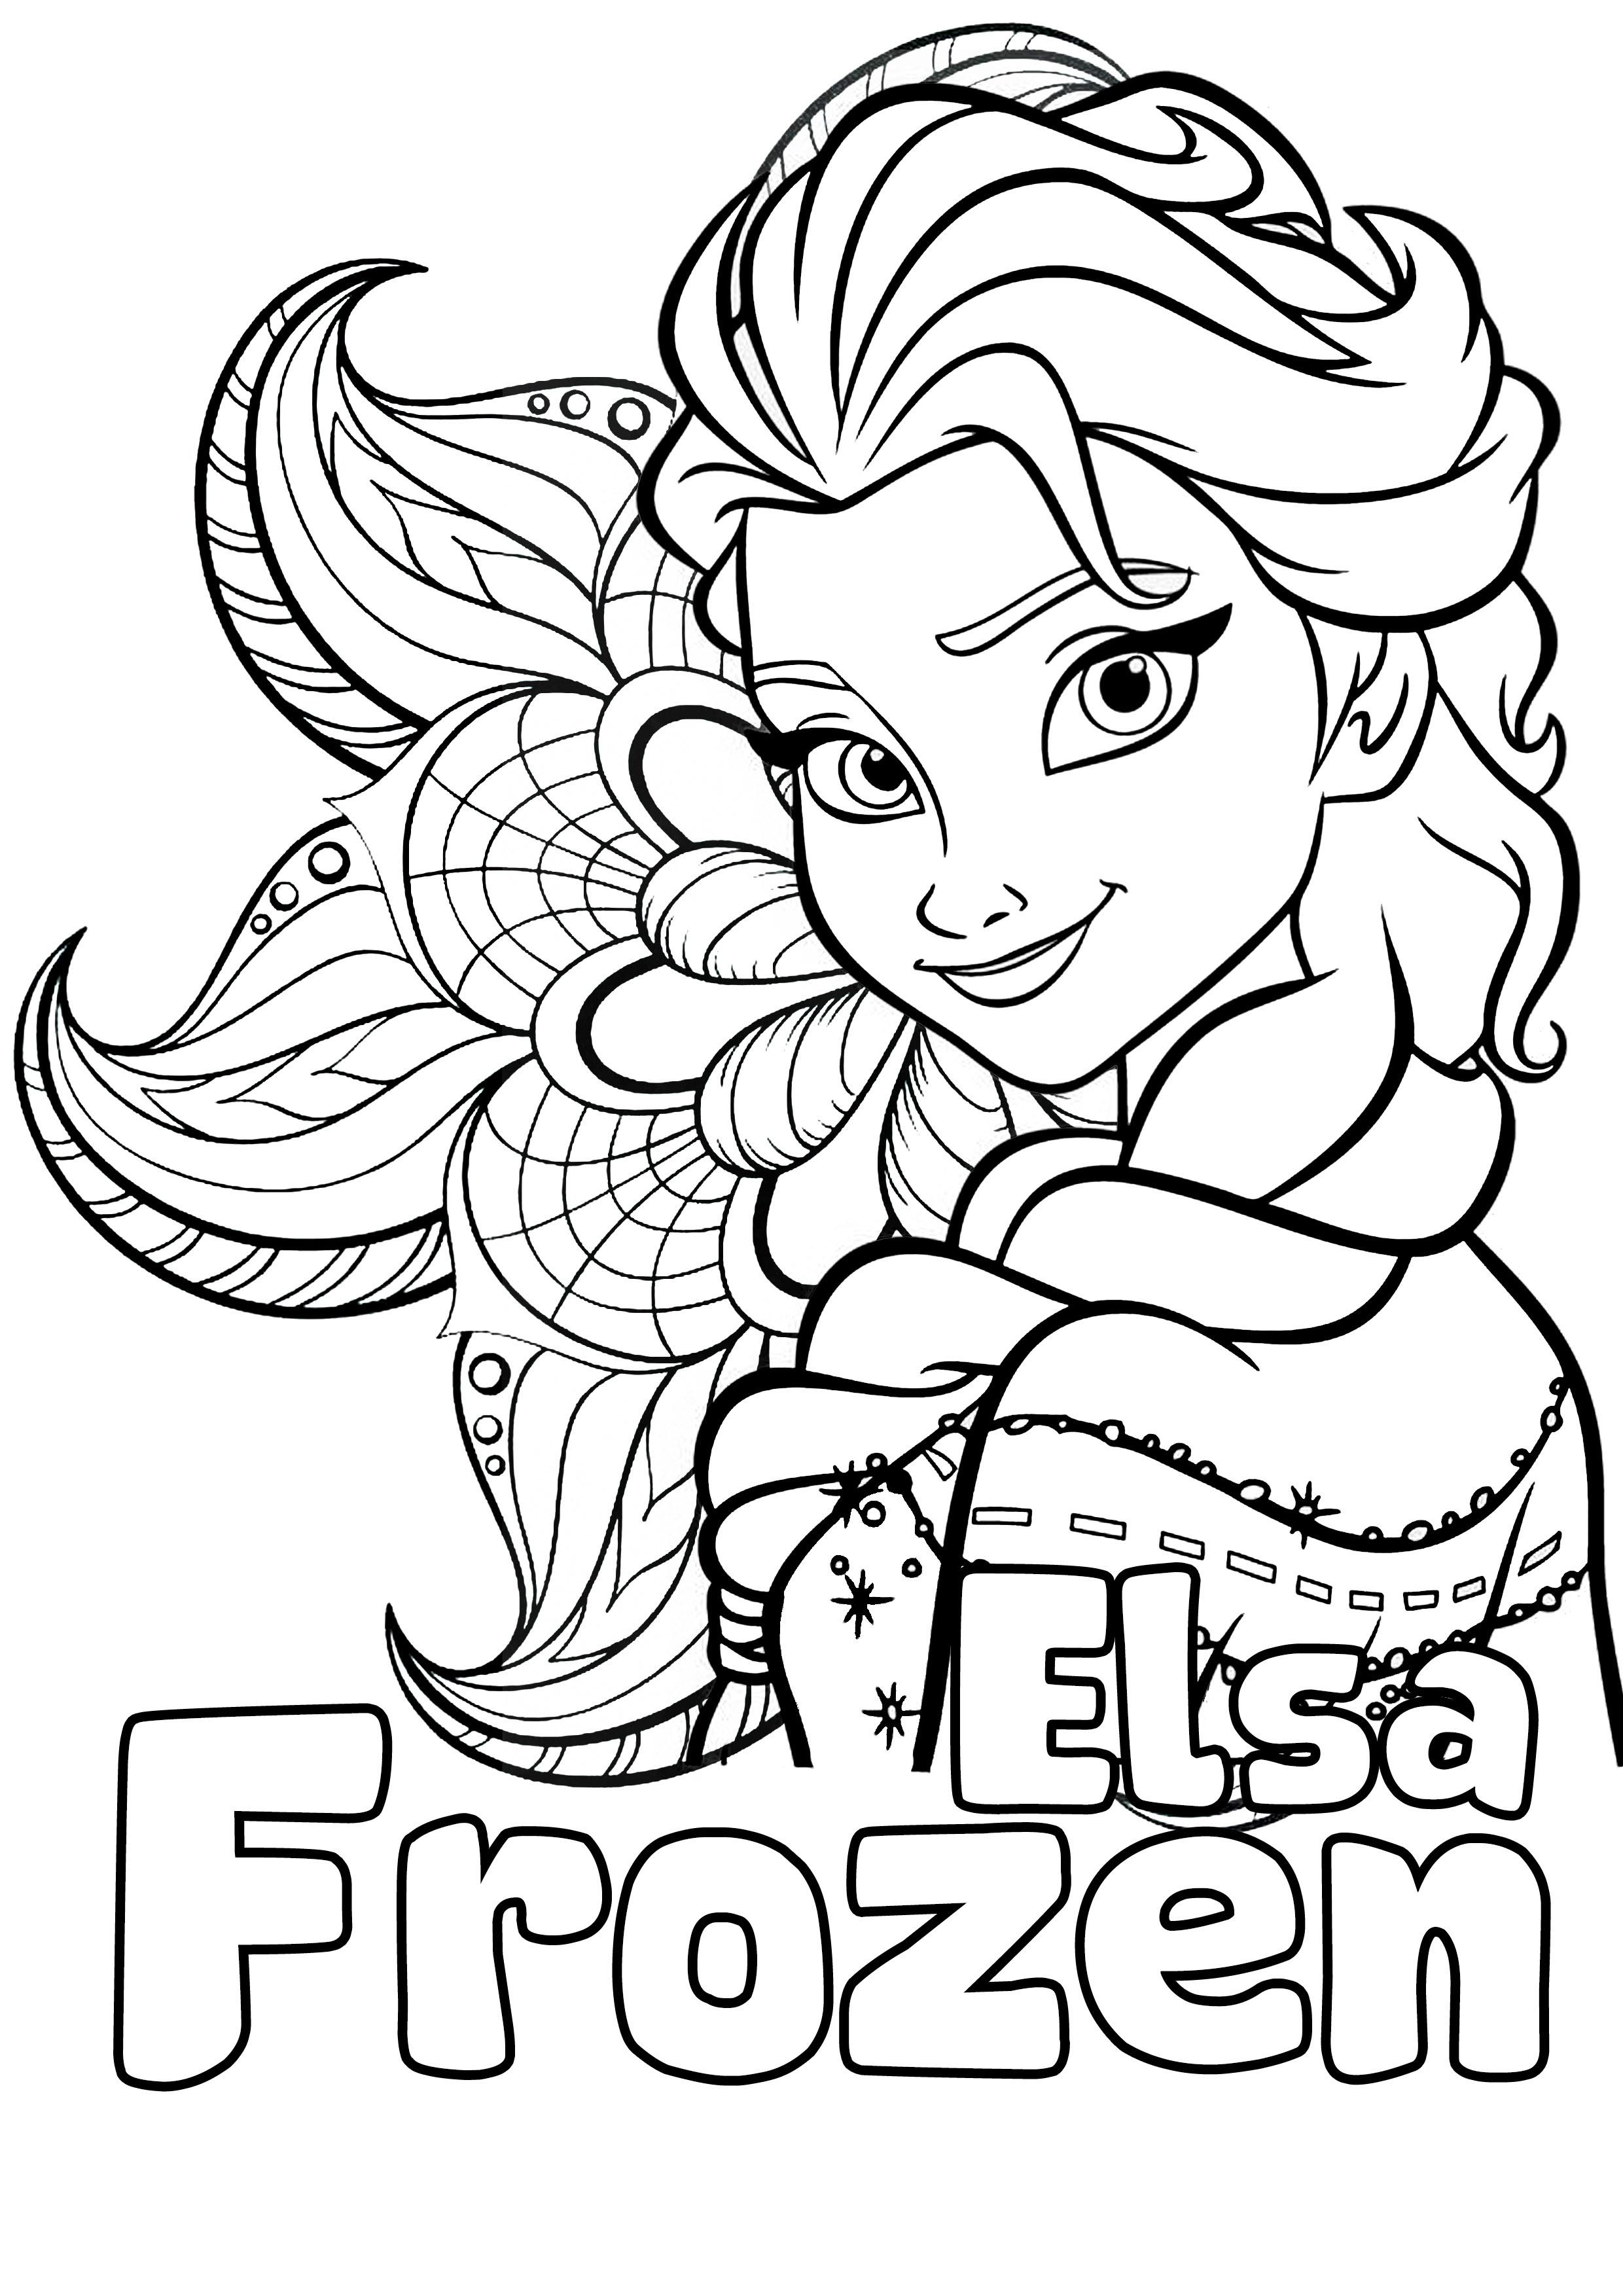 Tranh tô màu công chúa Elsa đơn giản, đẹp nhất